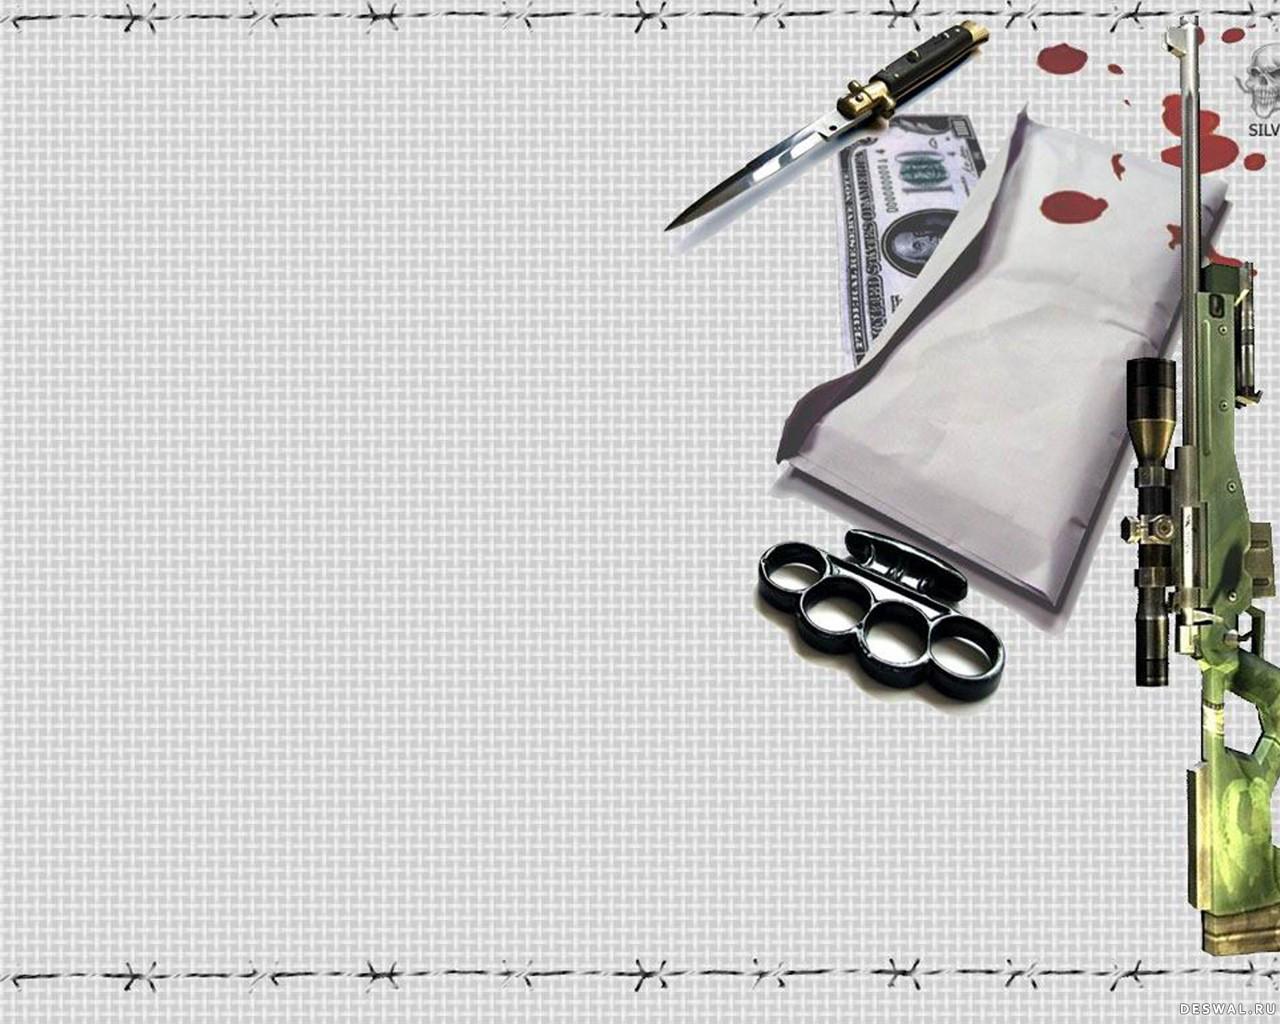 Фото 25. Нажмите на картинку с обоями оружия, чтобы просмотреть ее в реальном размере